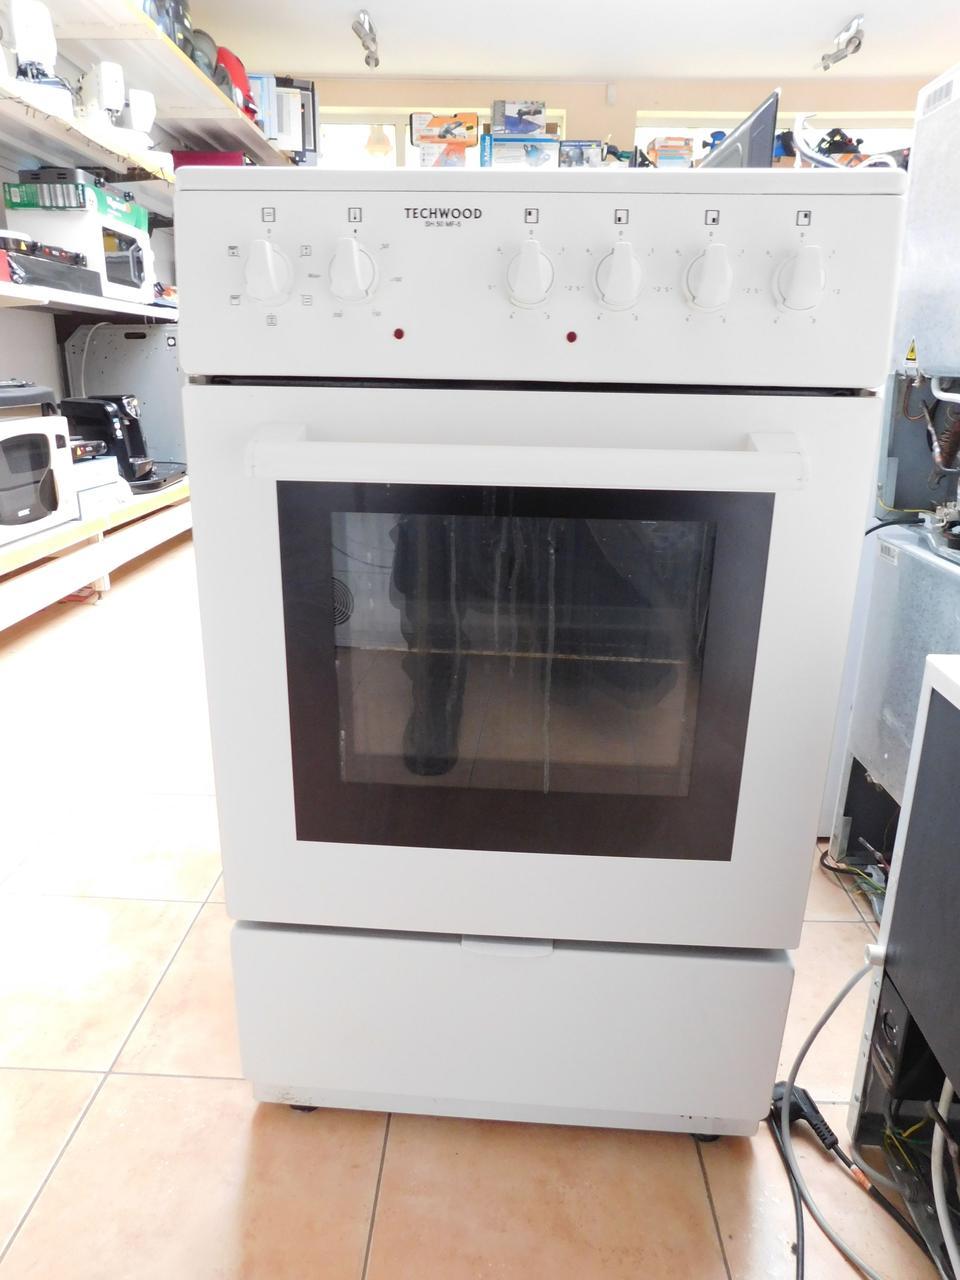 Кухонная плита электрическая Techwood, б\у с керамическим верхом